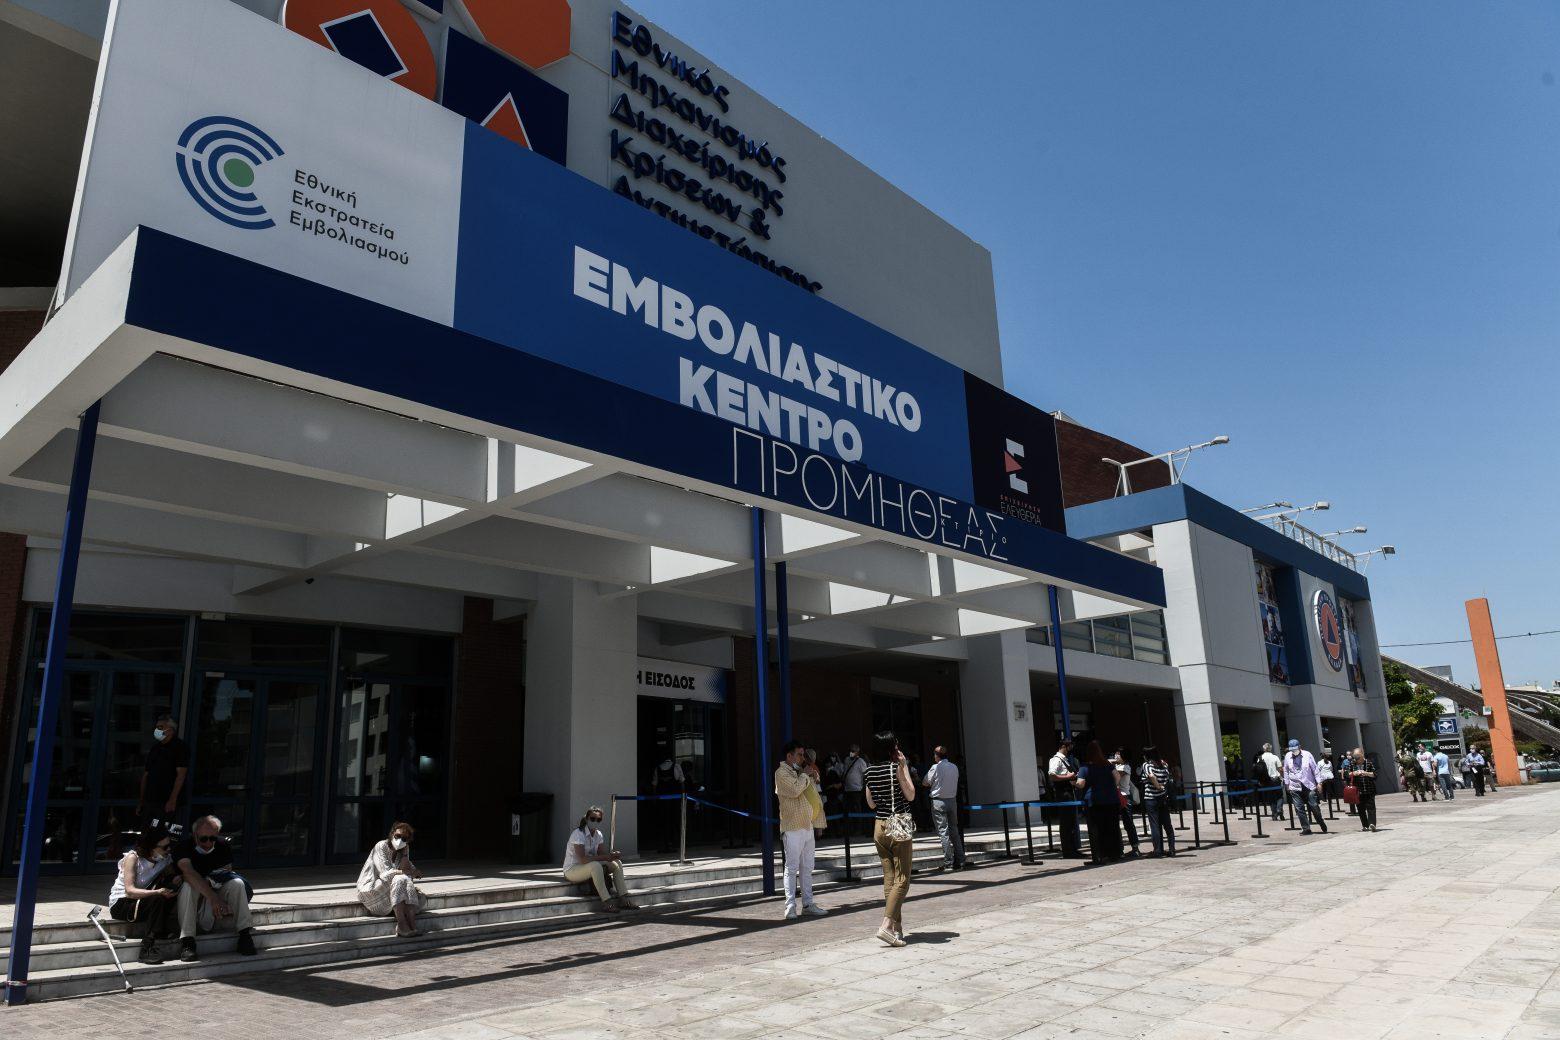 Αποφυγή AstraZeneca: Τι εφευρίσκουν οι Έλληνες για να μη το κάνουν;